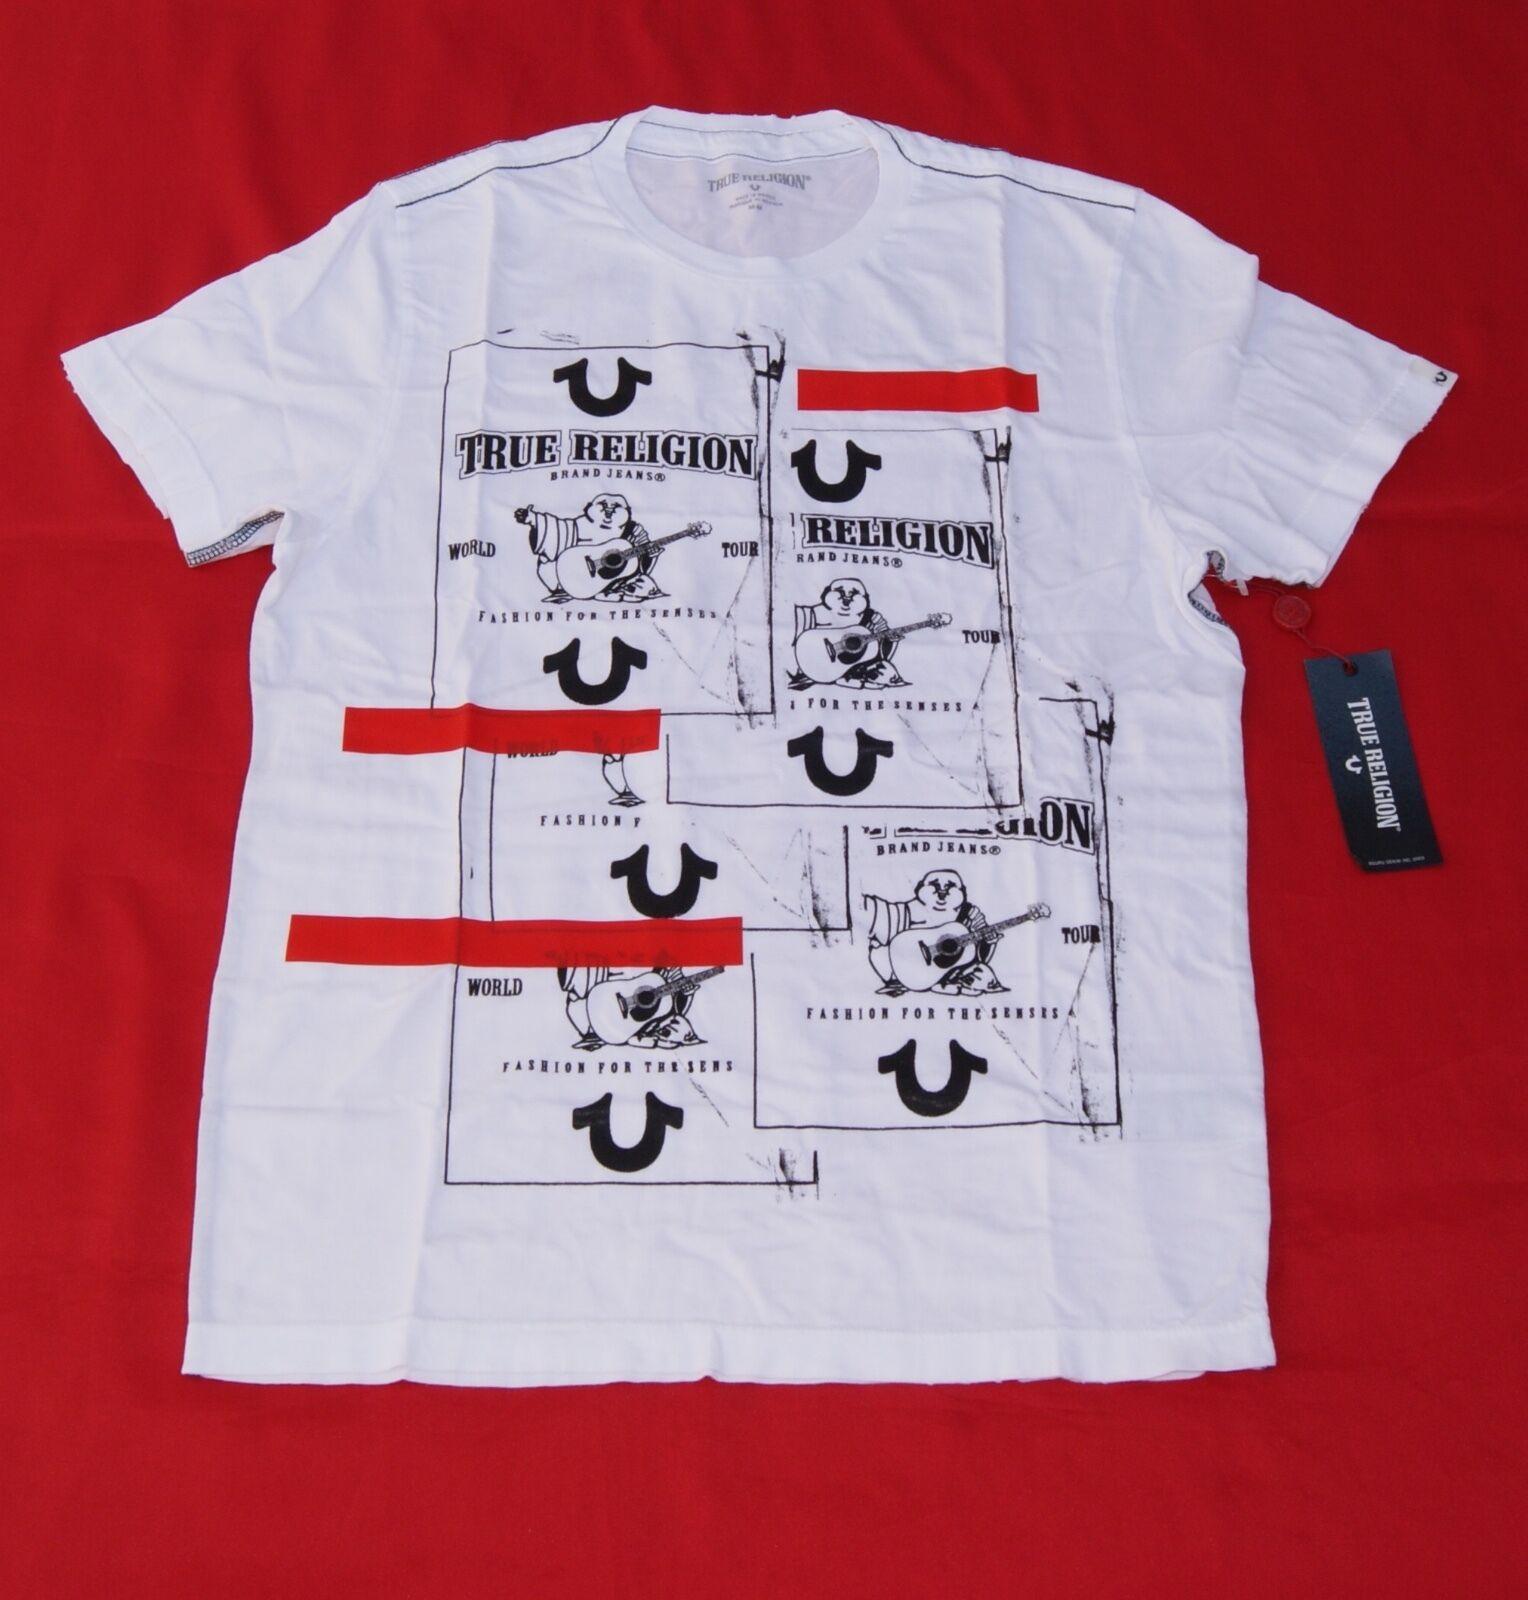 c254cca7b True Religion Men's Buddha Tape Crew Graphic Tee White T-shirt ...